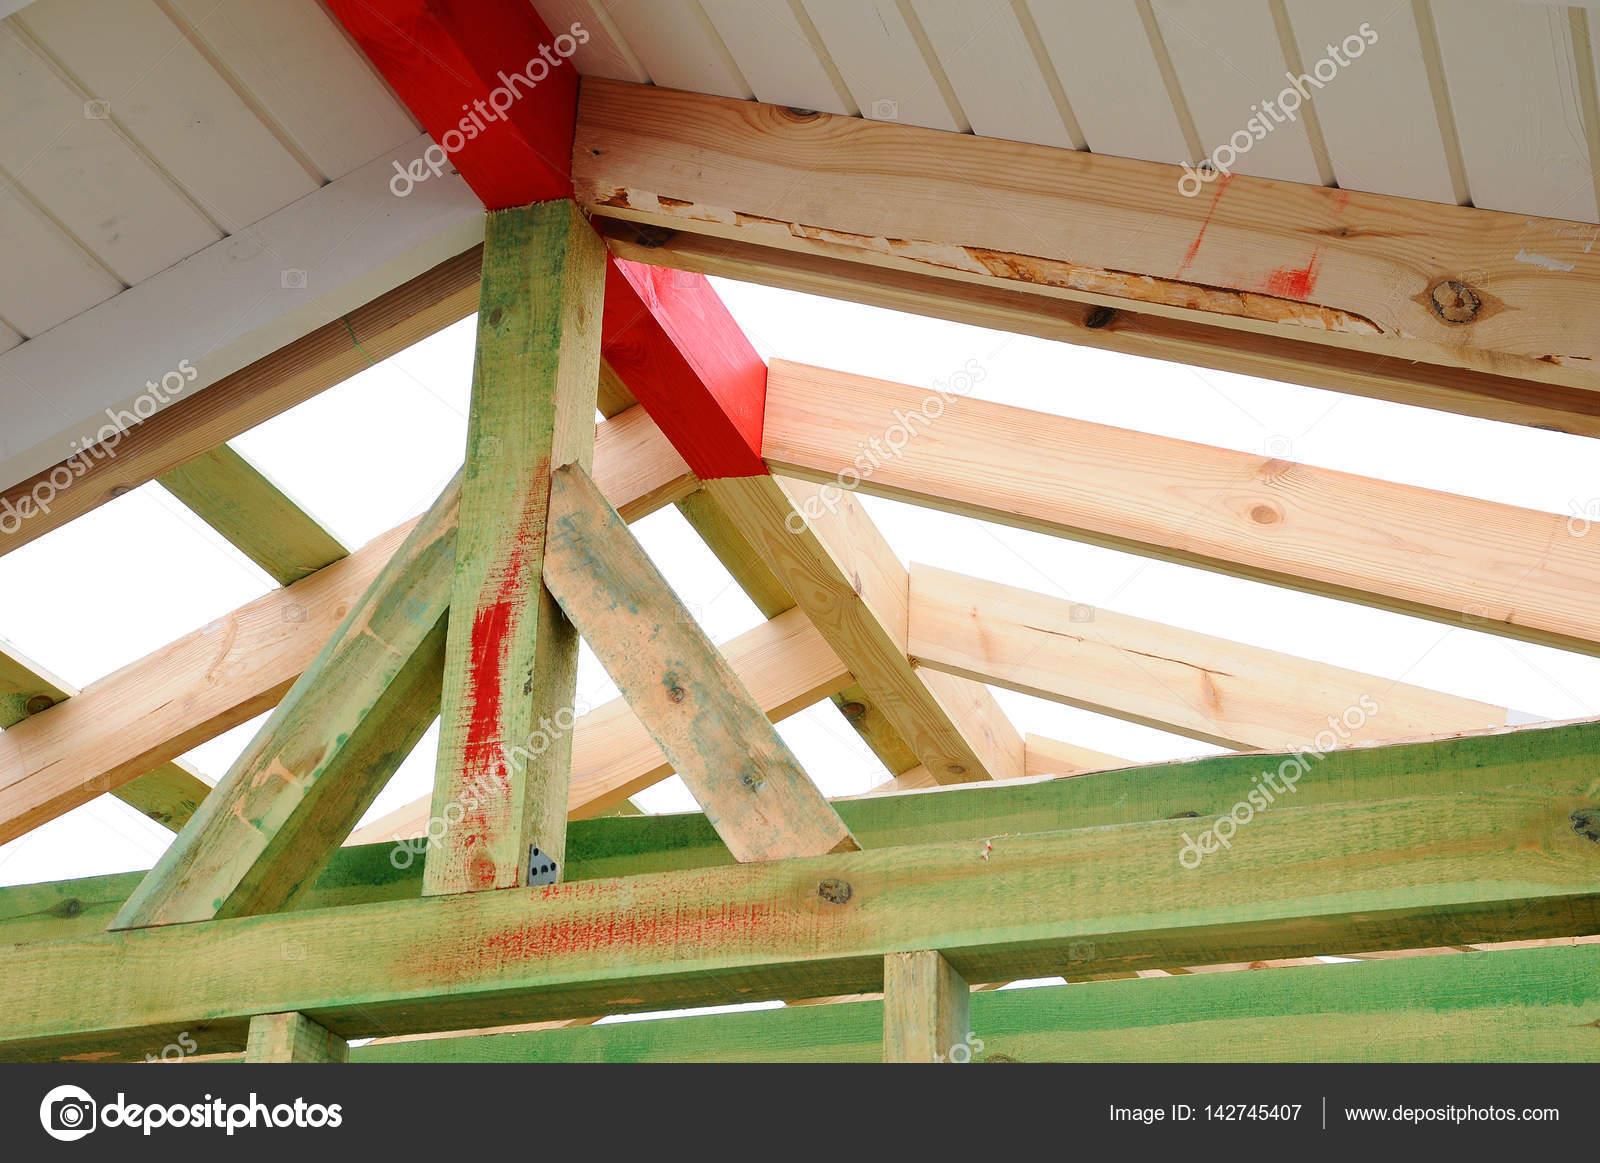 la estructura de madera del edificio edificio de estructura de madera construccin de techo de madera foto para el hogar edificio de la casa